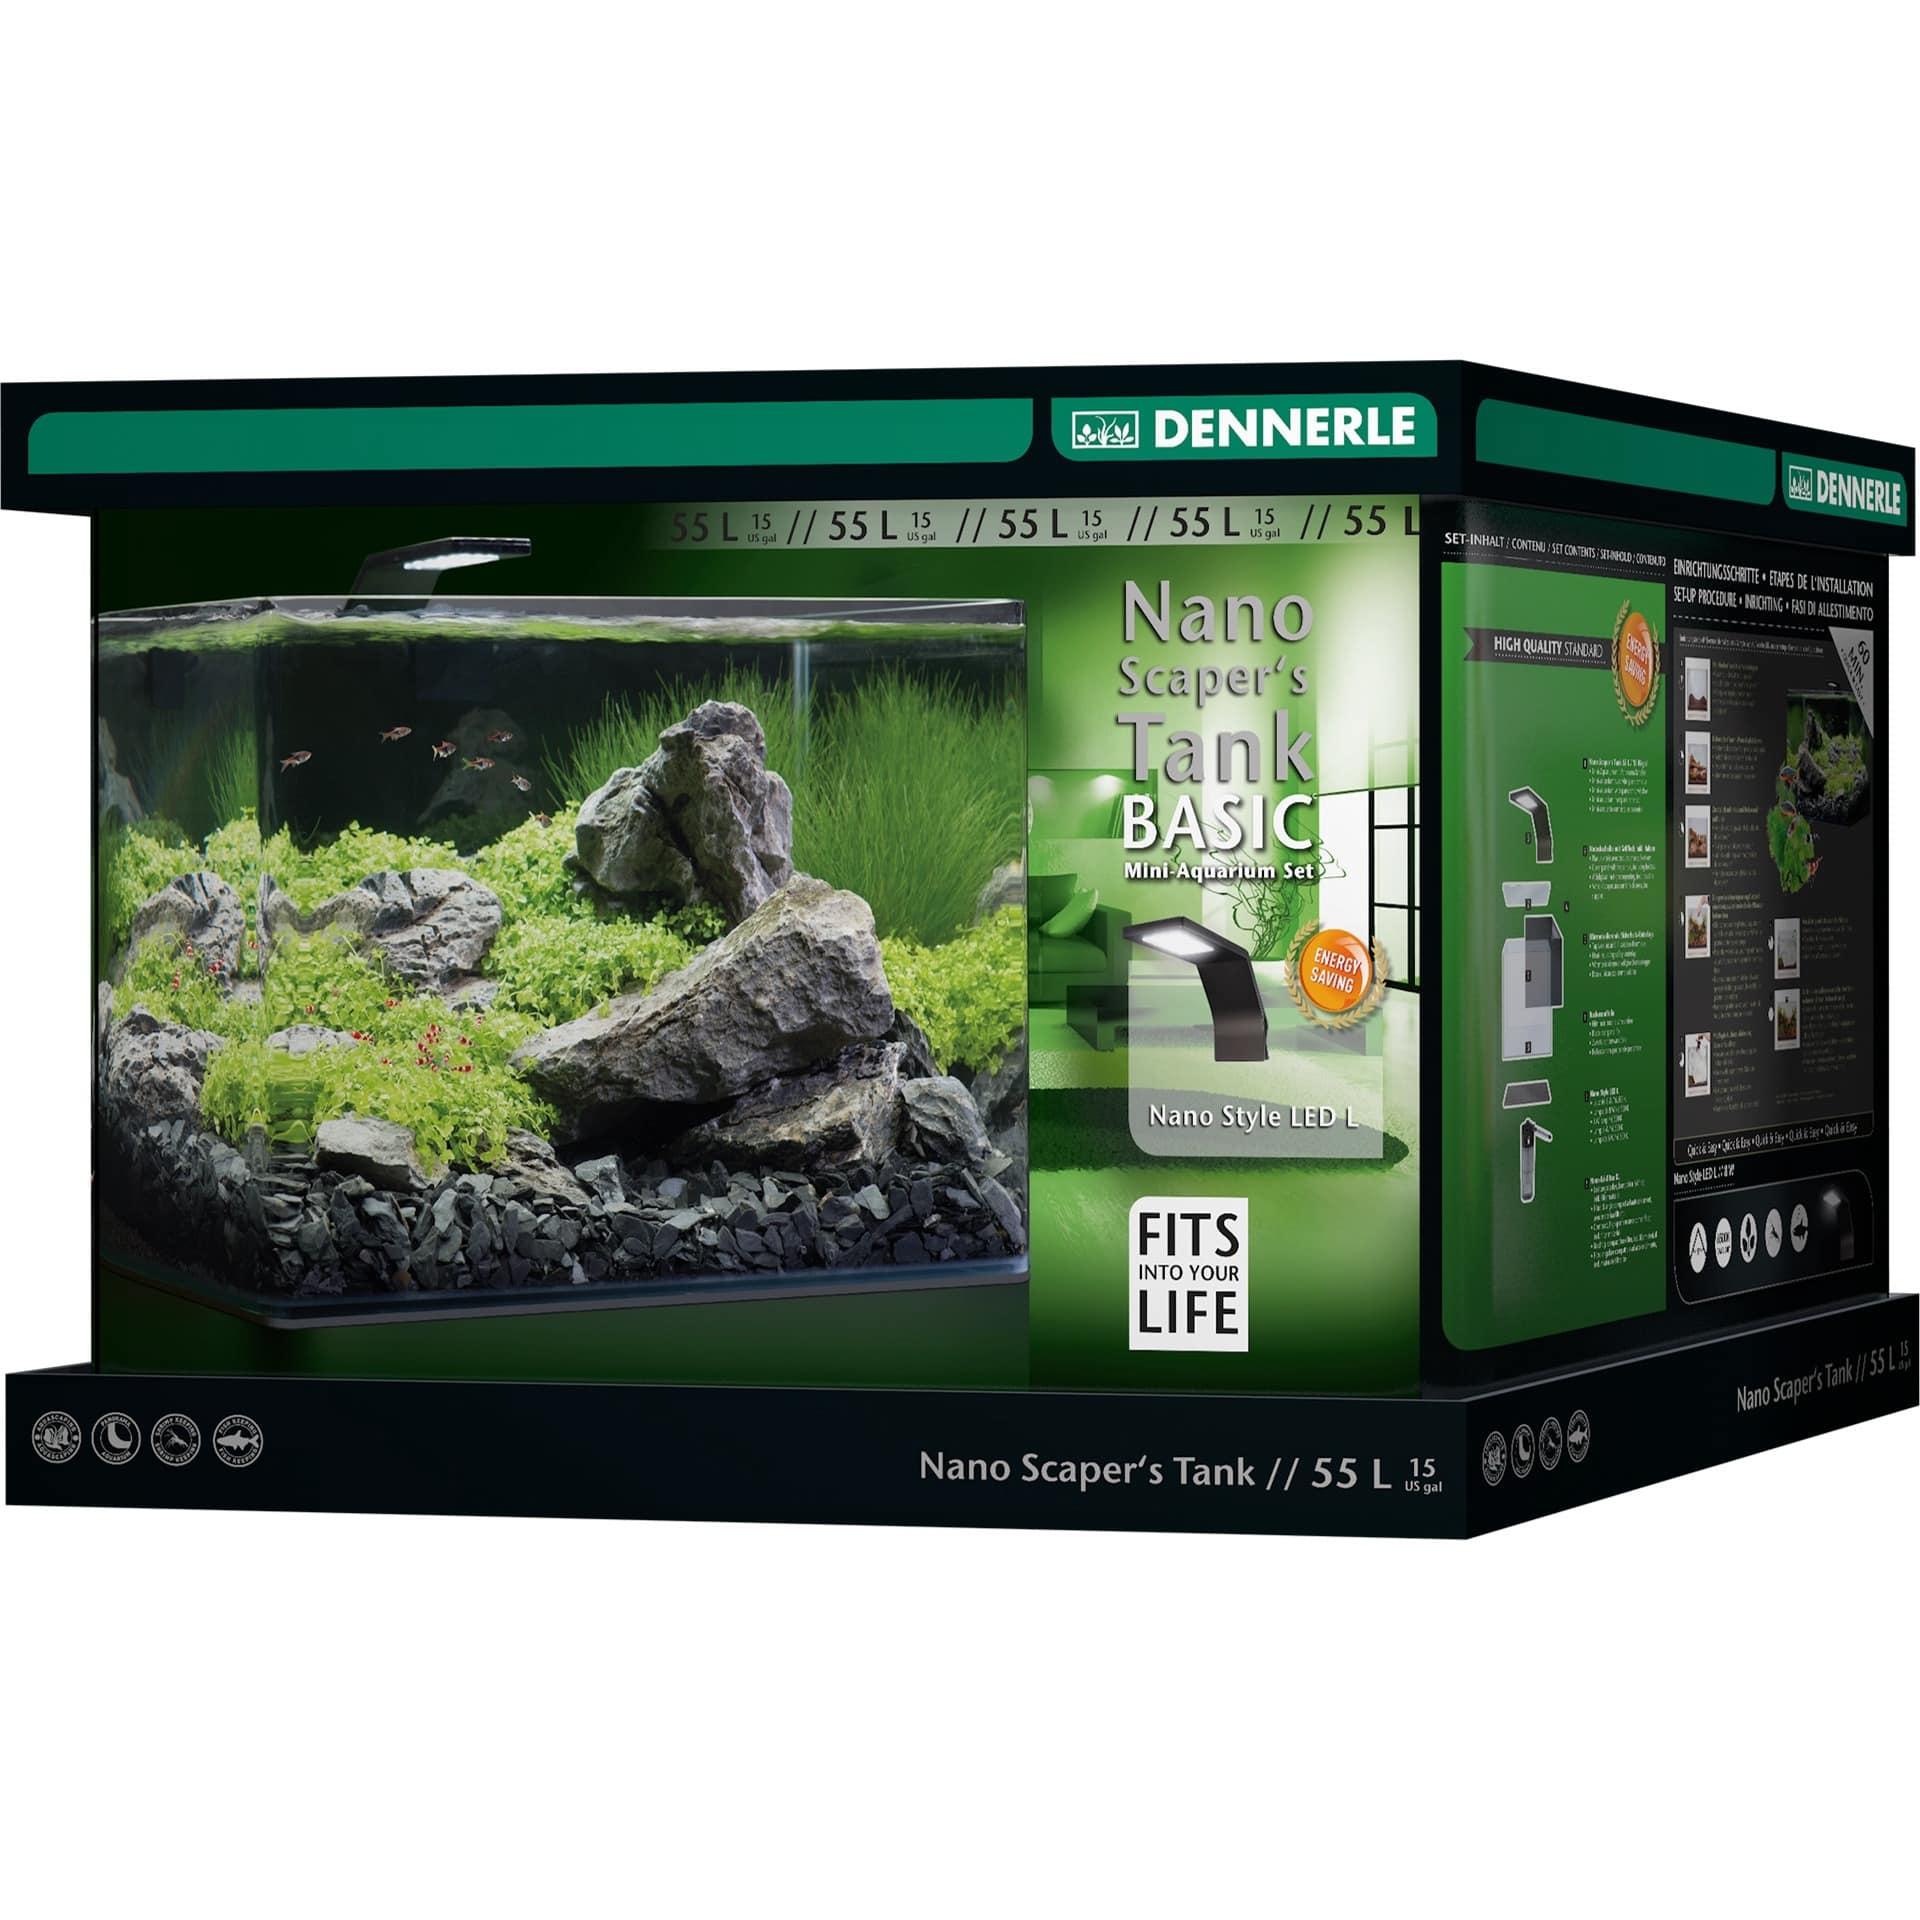 DENNERLE Nano Scaper\'s Tank Basic 55 L nano-aquarium 45 x 36 x 34 cm avec filtration et éclairage Style LED L